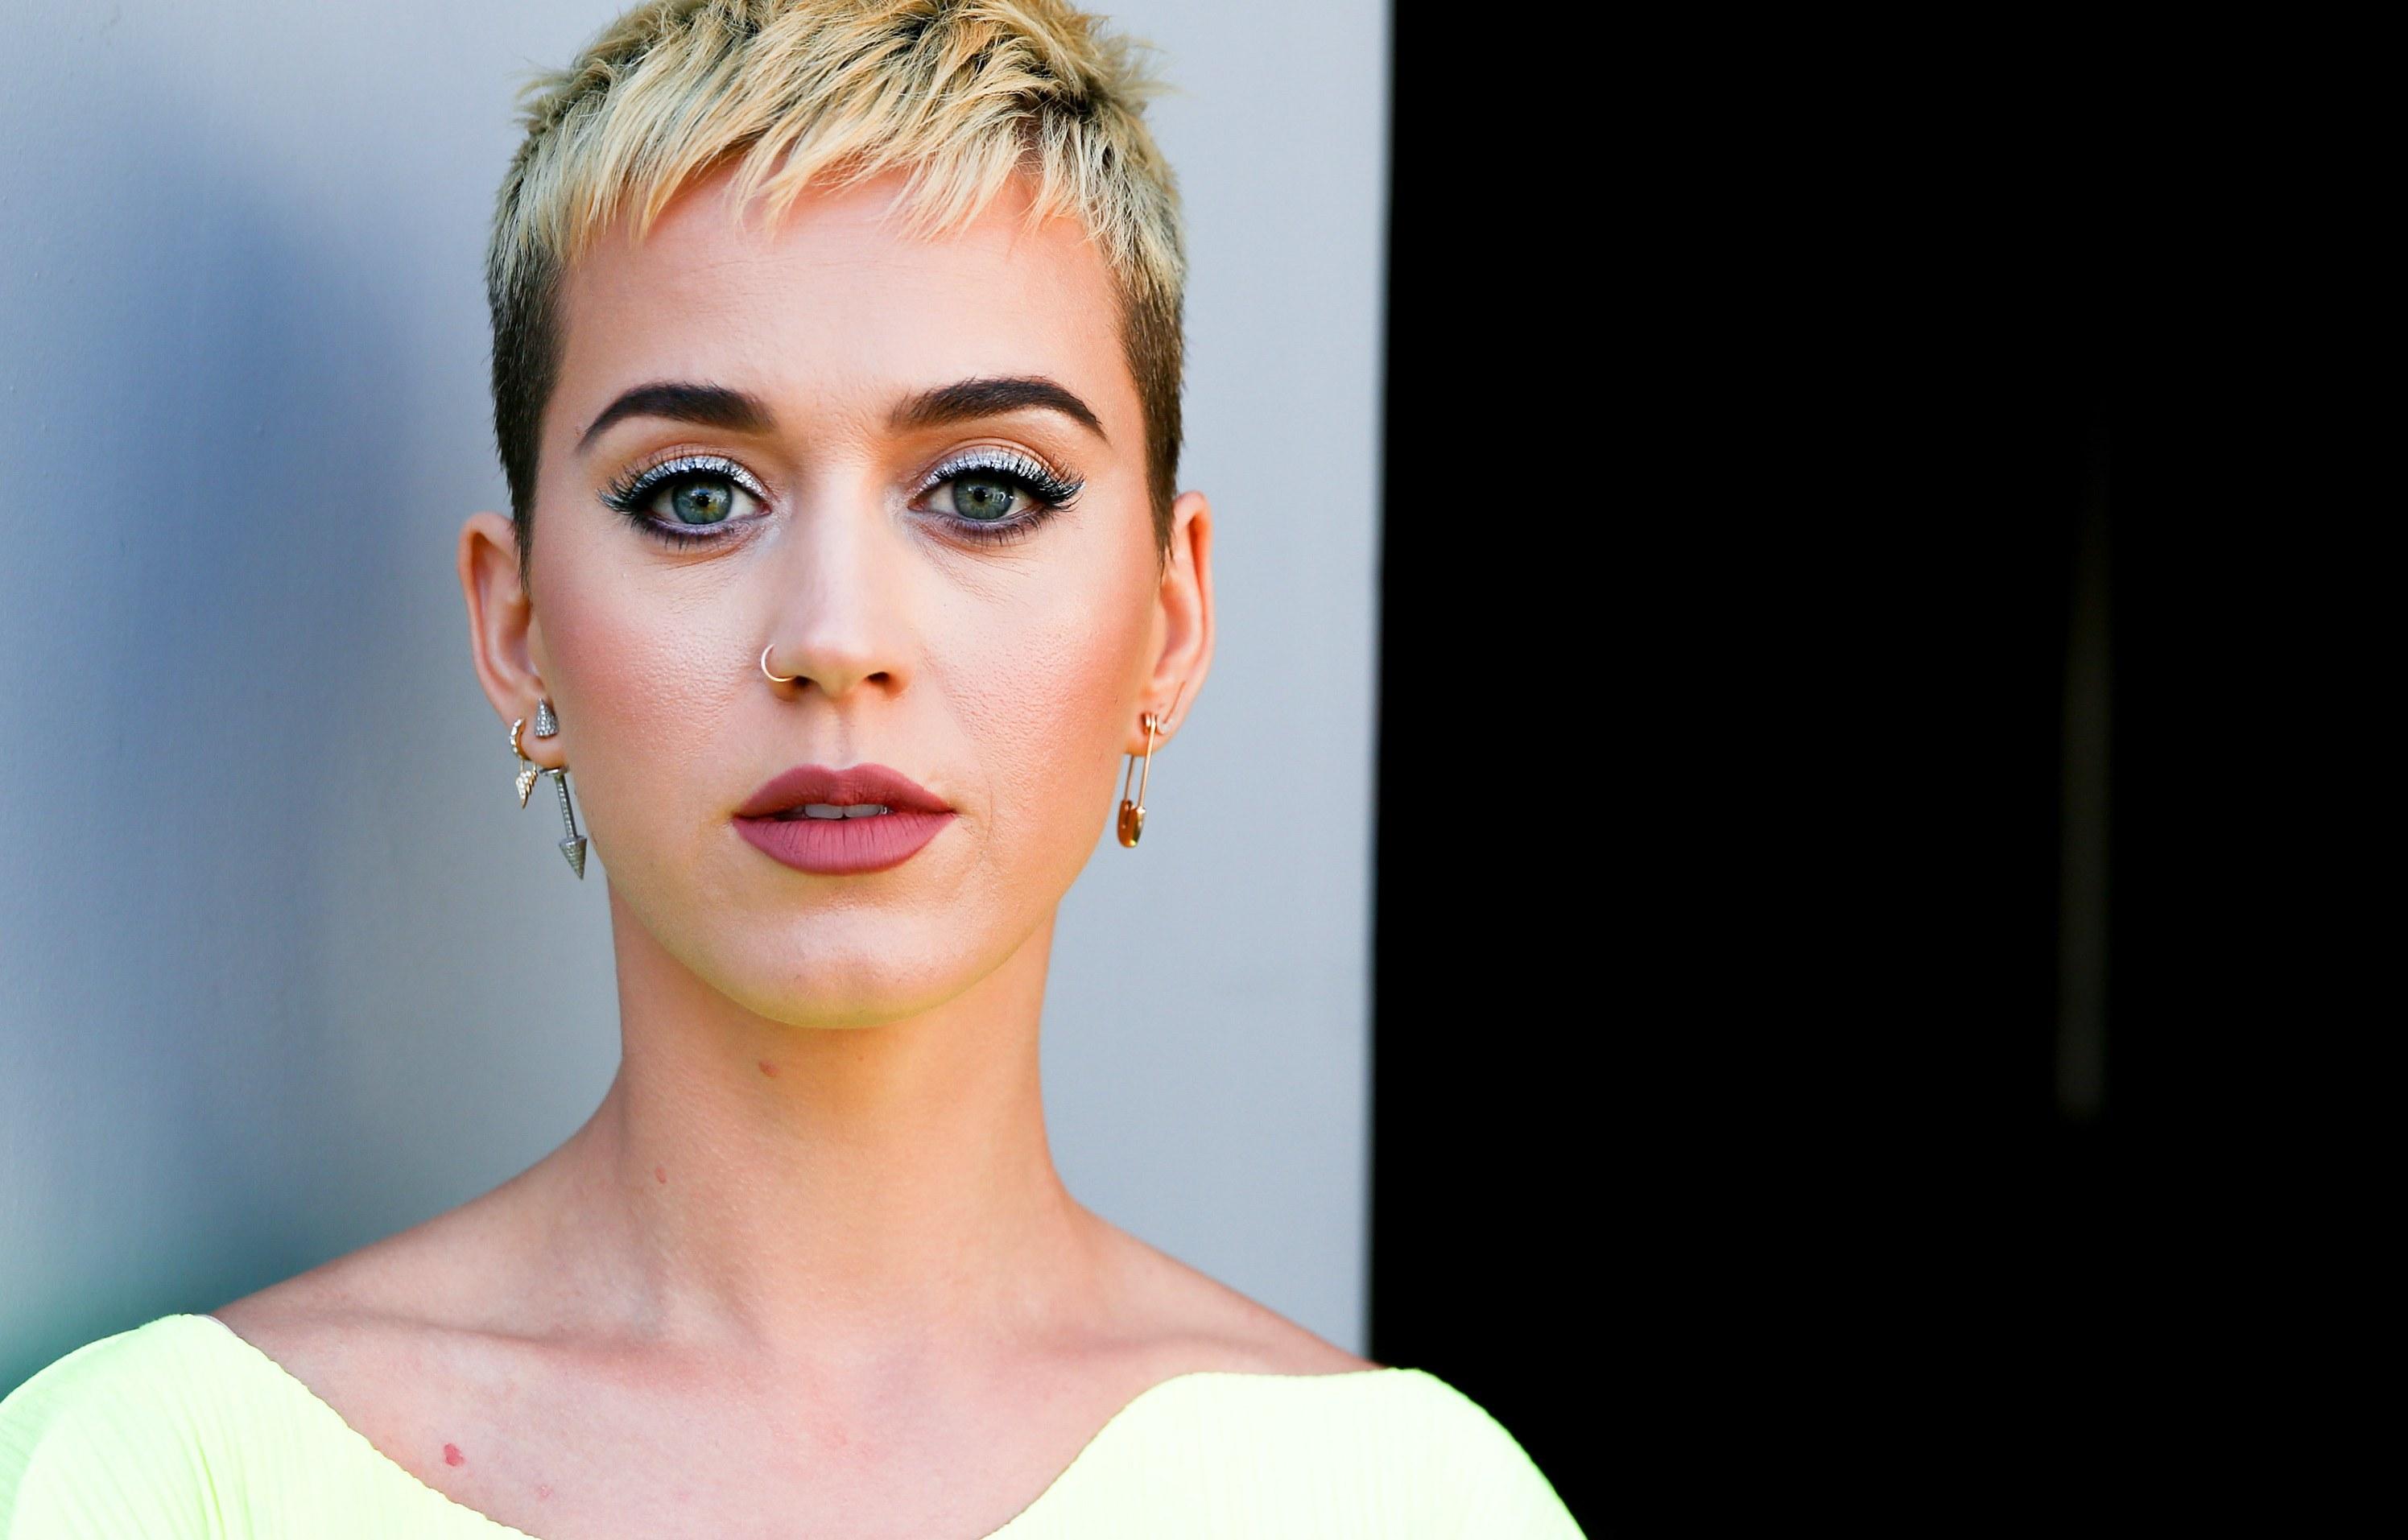 เคธี่ เพอร์รี่ (Katy Perry) คนที่เคยล้มเหลว